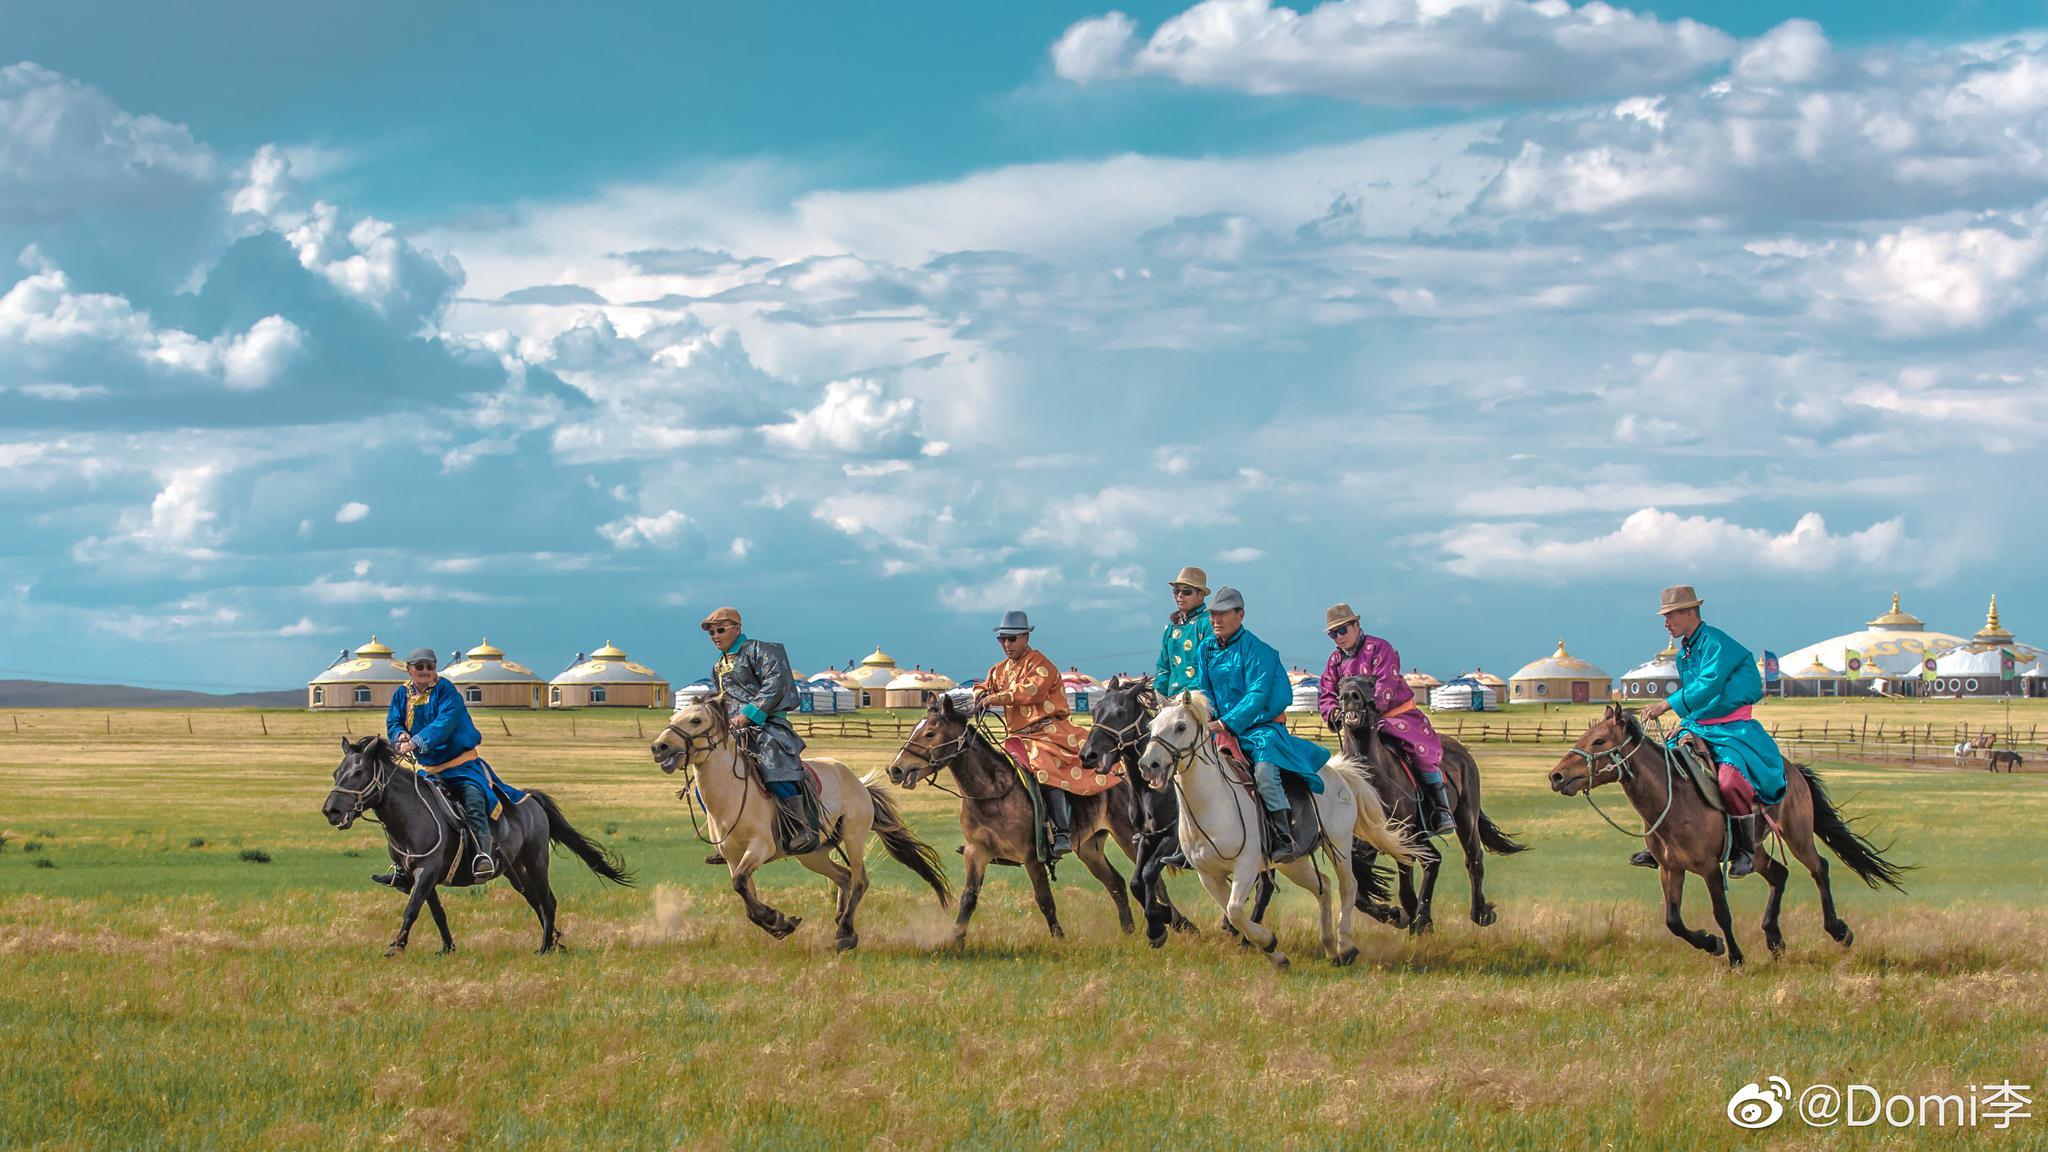 单人豪华蒙古包住宿一晚、单人早餐、原生态蒙古族歌舞演出、射箭、骑